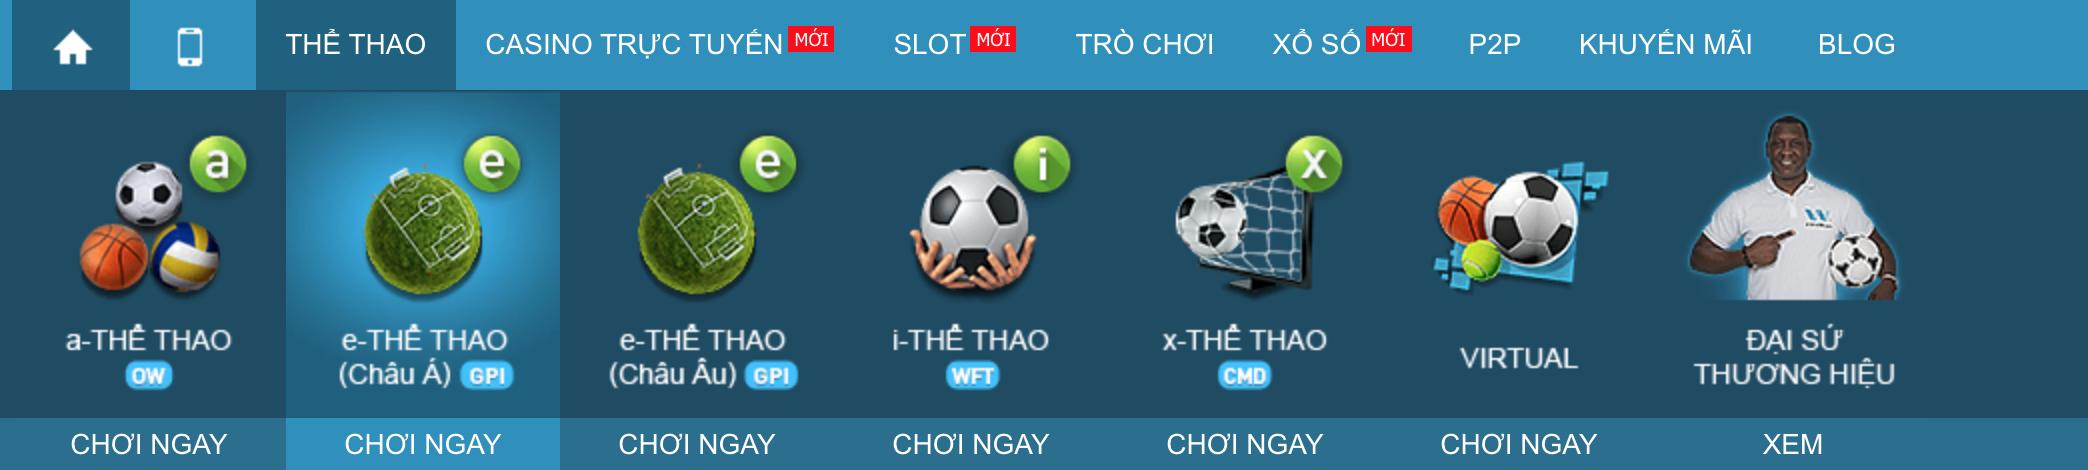 Lựa chọn các thể loại cược thể thao tại W88